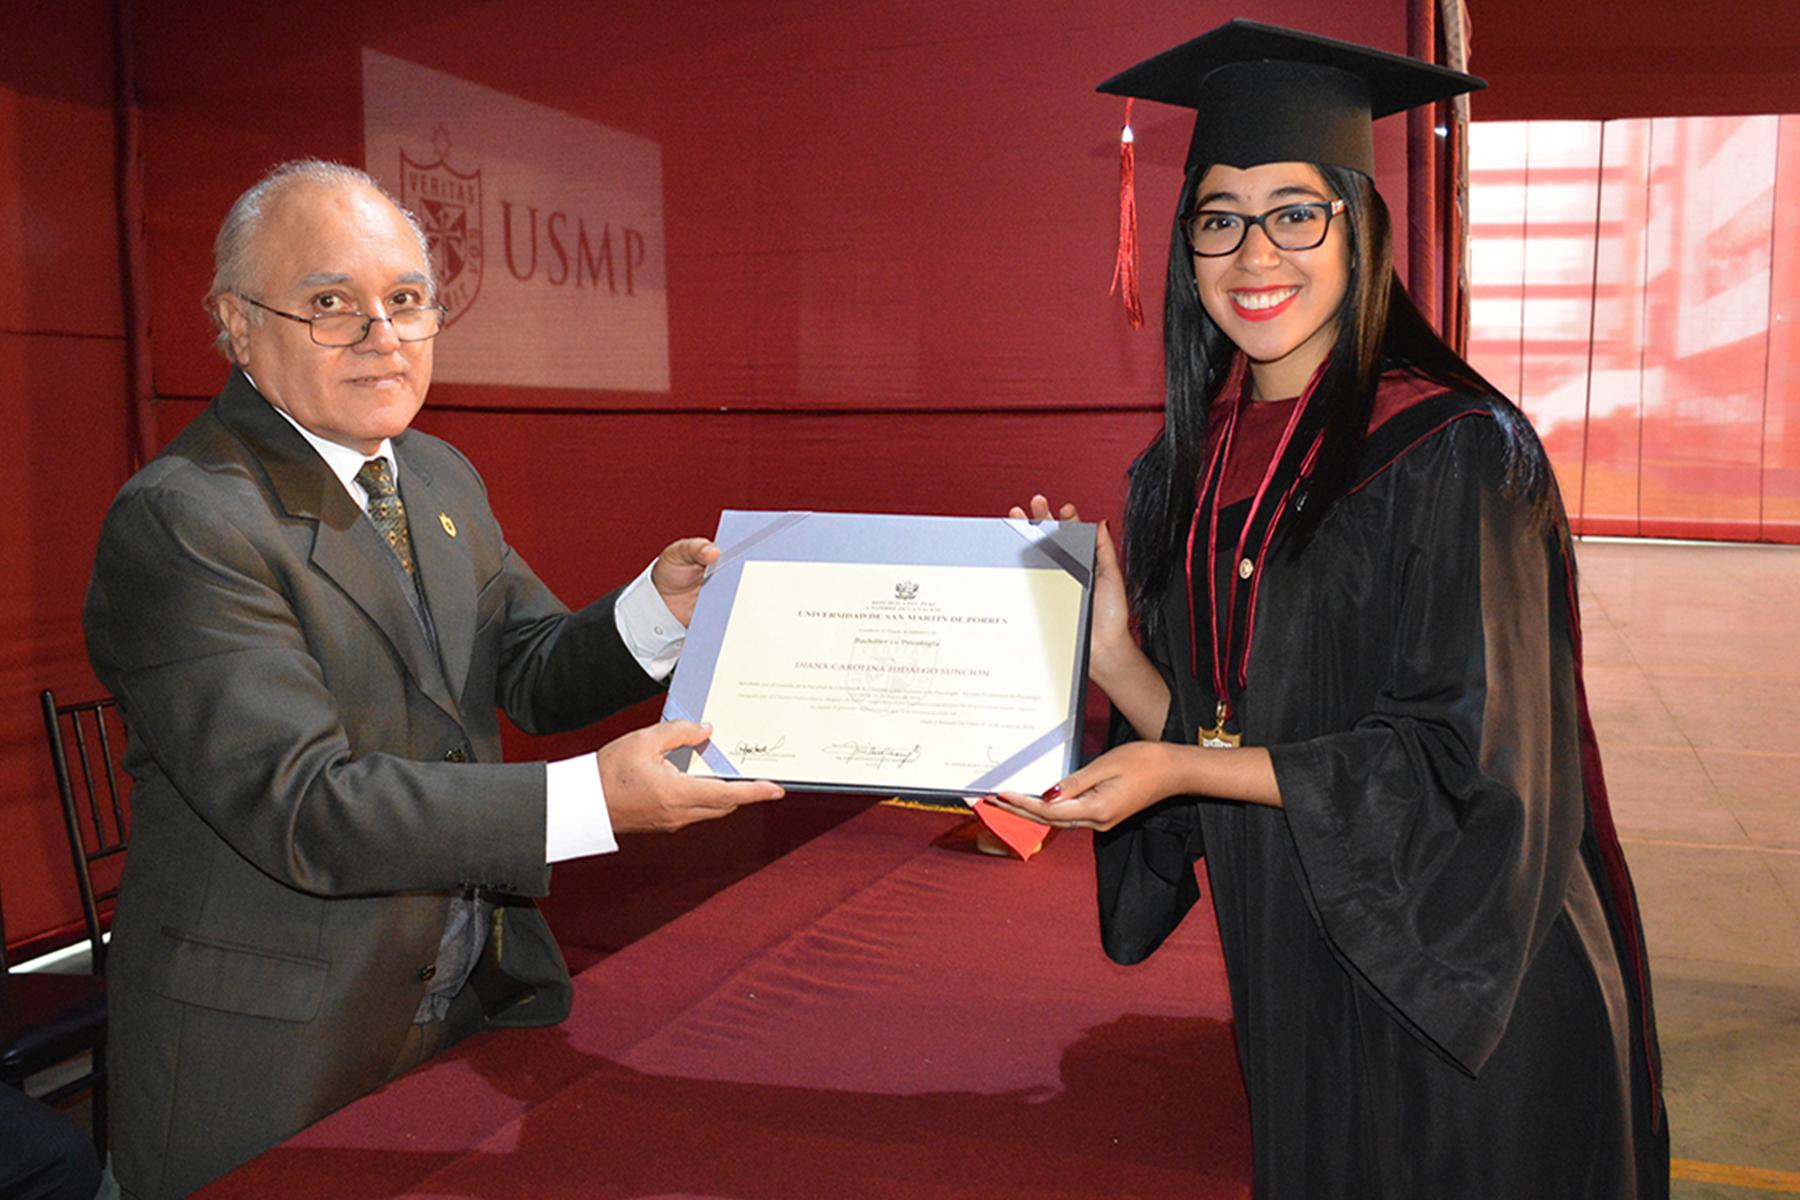 Ceremonia De Graduación FCCTP